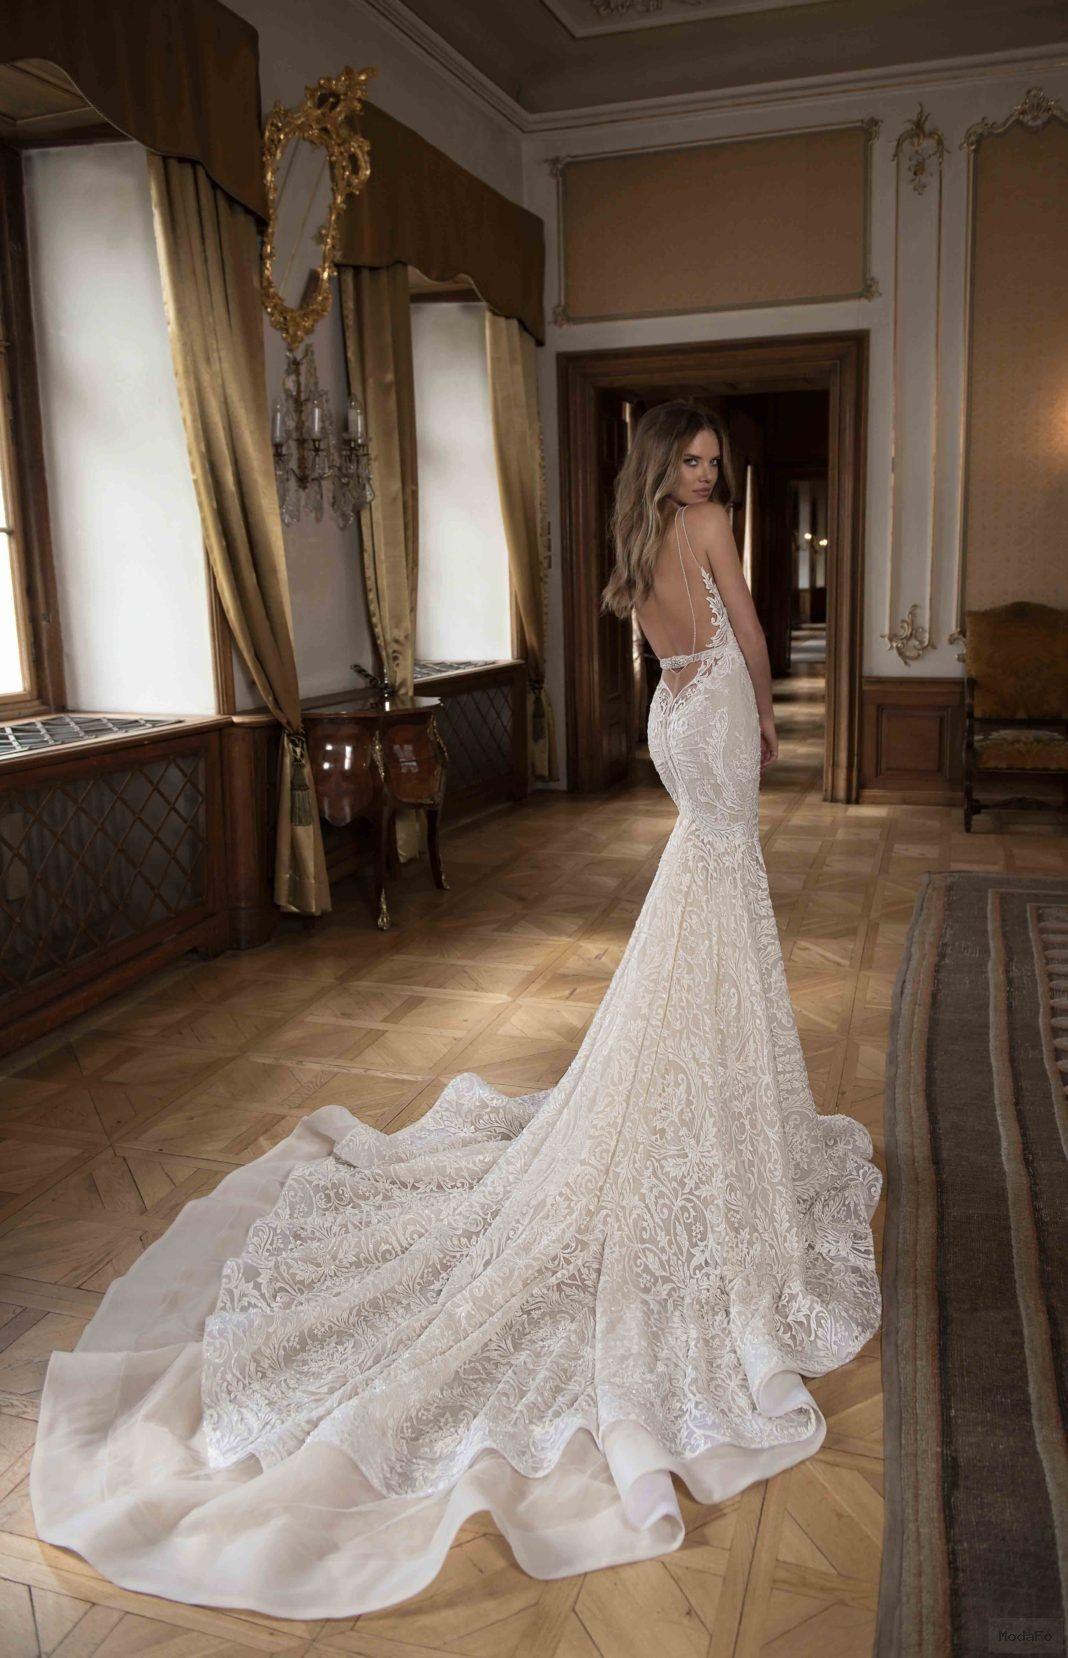 4f44cf3024fb8 2016 Berta Gelinlik Modelleri – Bay Bayan Modası | Bride dressed in ...